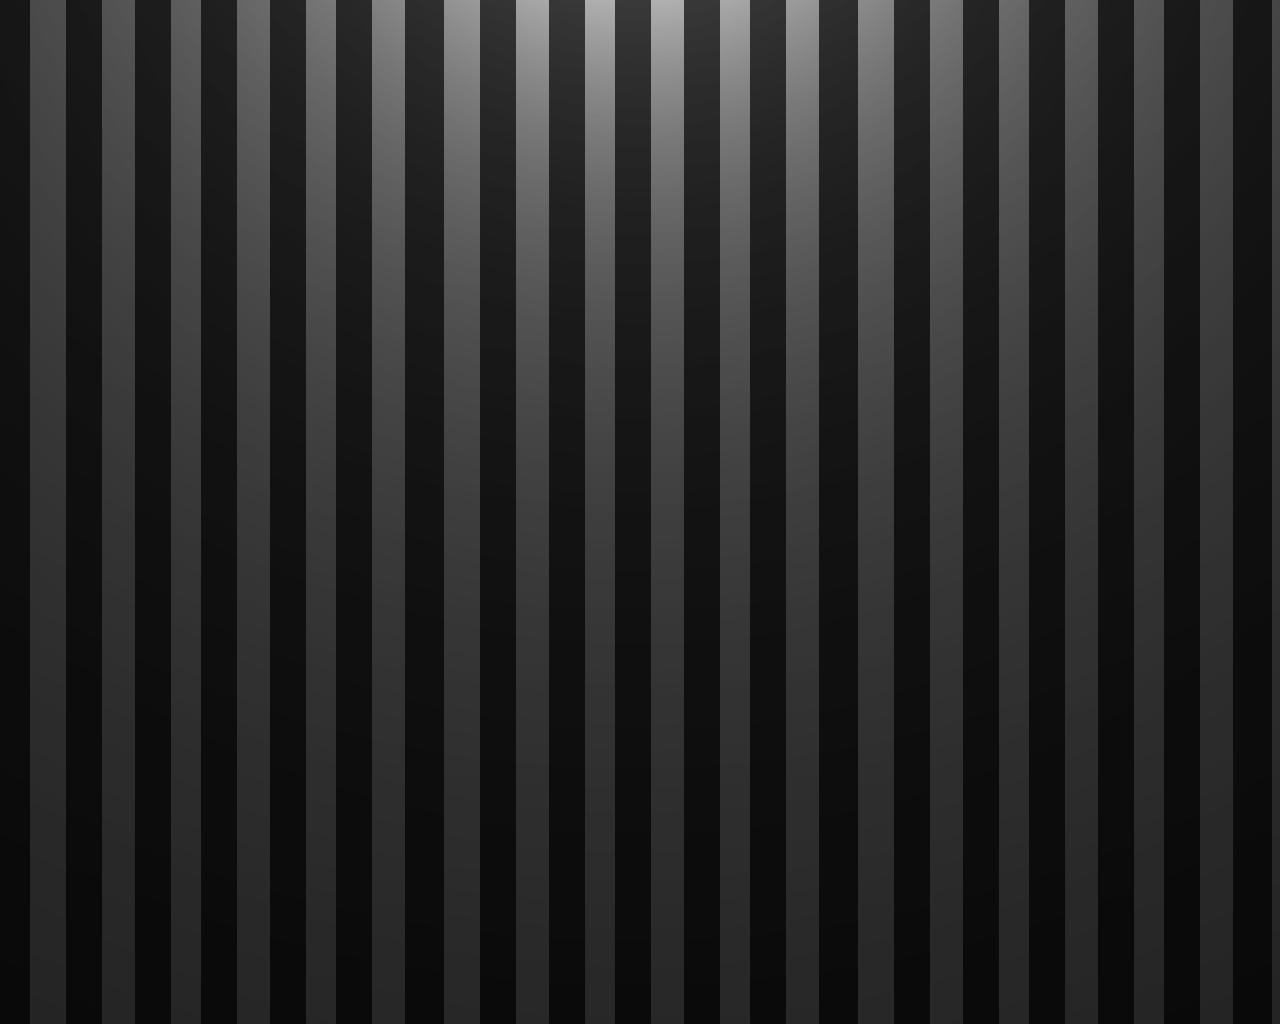 カレンダー 12ヶ月カレンダー : Black Stripes